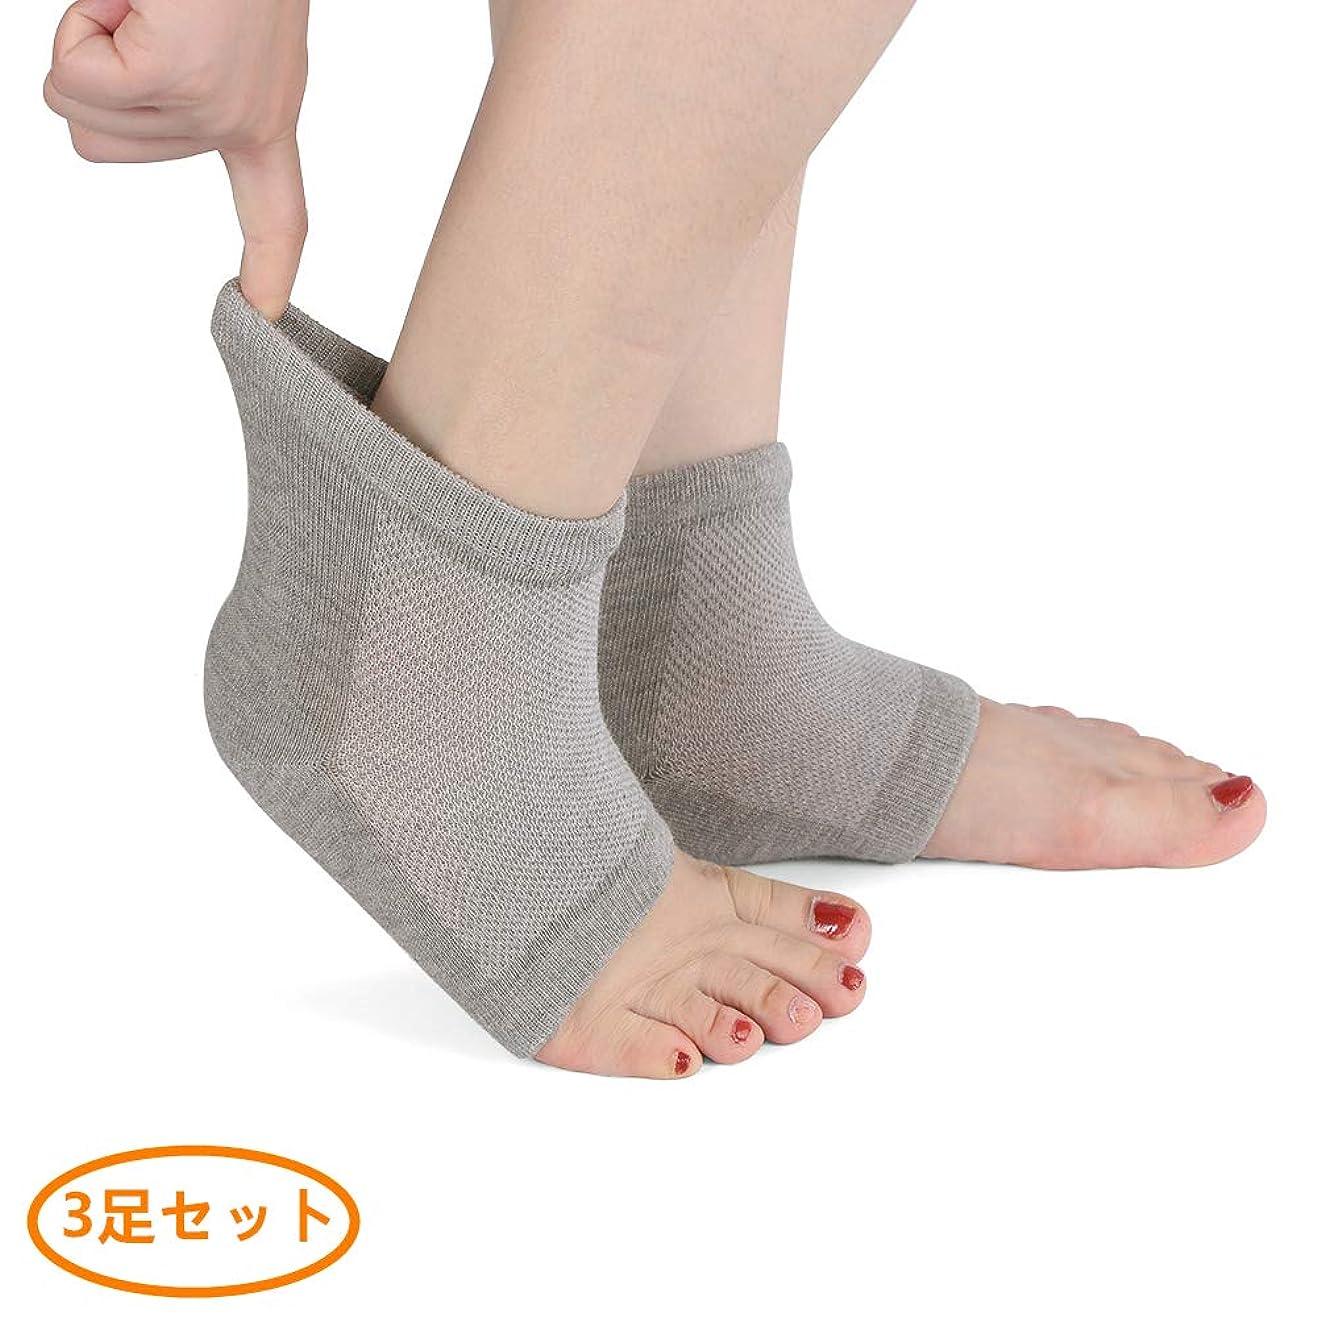 パーフェルビッドハグけがをするYUANSHOP1 かかとケア ソックス 3足セット かかと靴下 レディース メンズ ひび割れケア/角質除去/保湿/美容 足SPA 足ケア フリーサイズ (グレー)